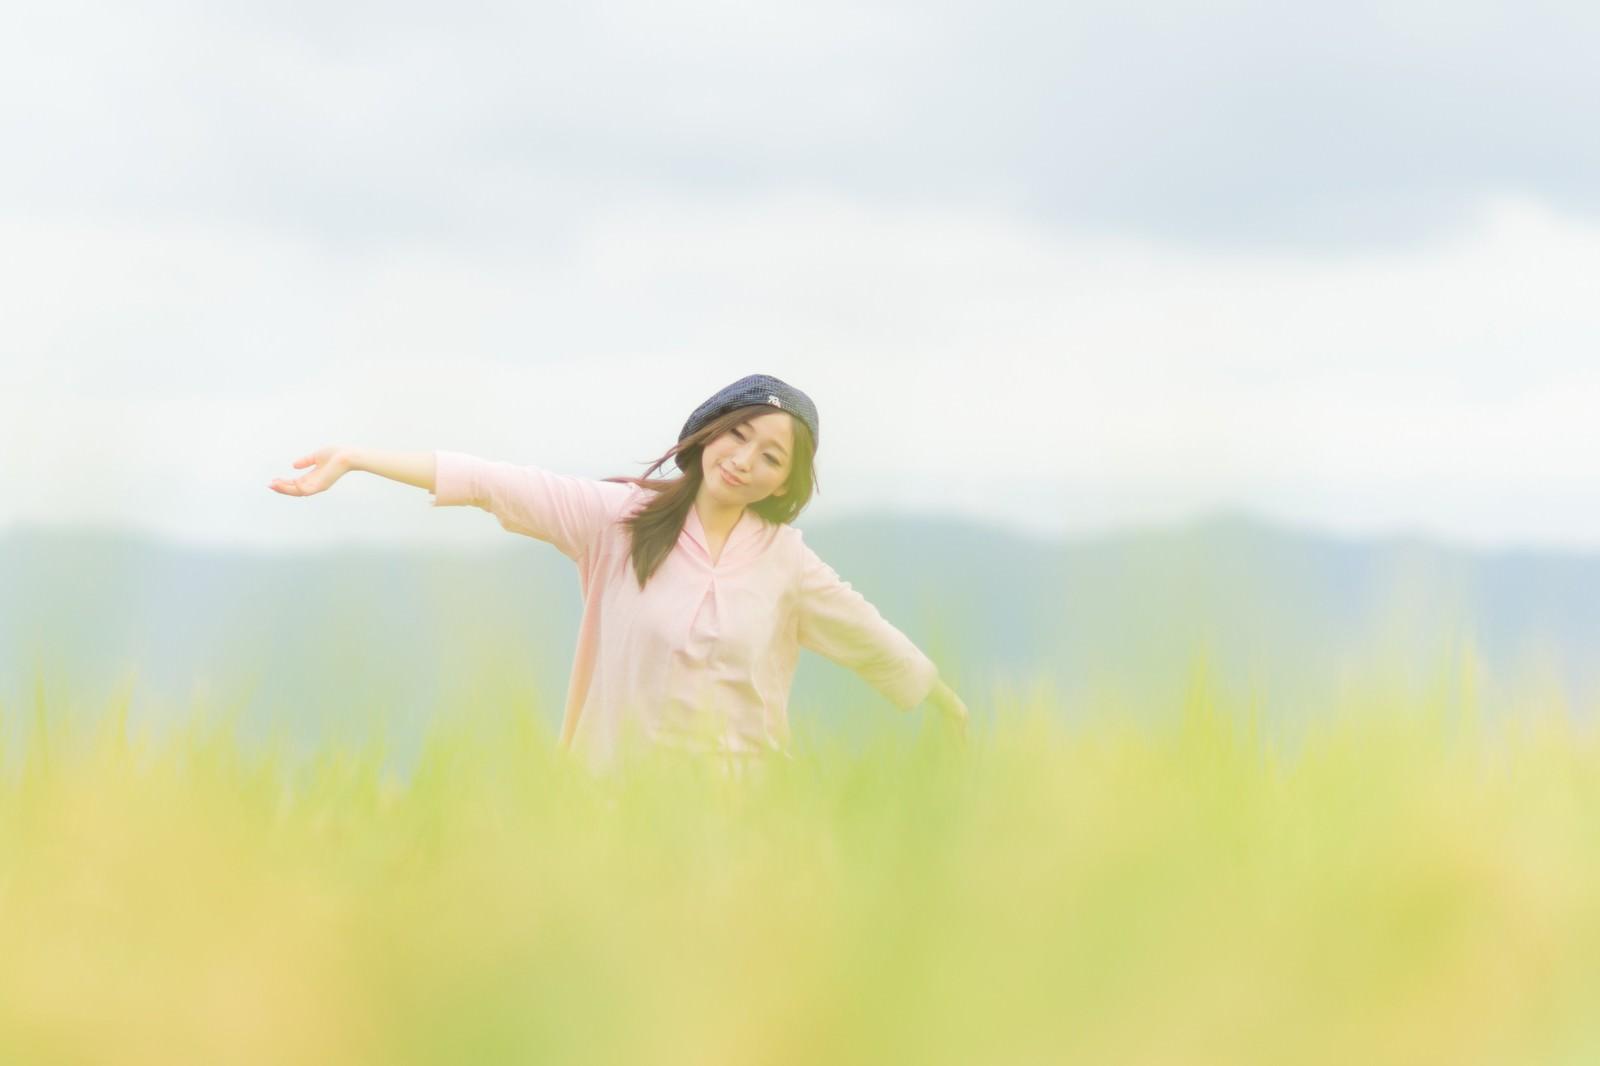 「金色の稲穂ともんぺ女子 | 写真の無料素材・フリー素材 - ぱくたそ」の写真[モデル:五十嵐夫妻]